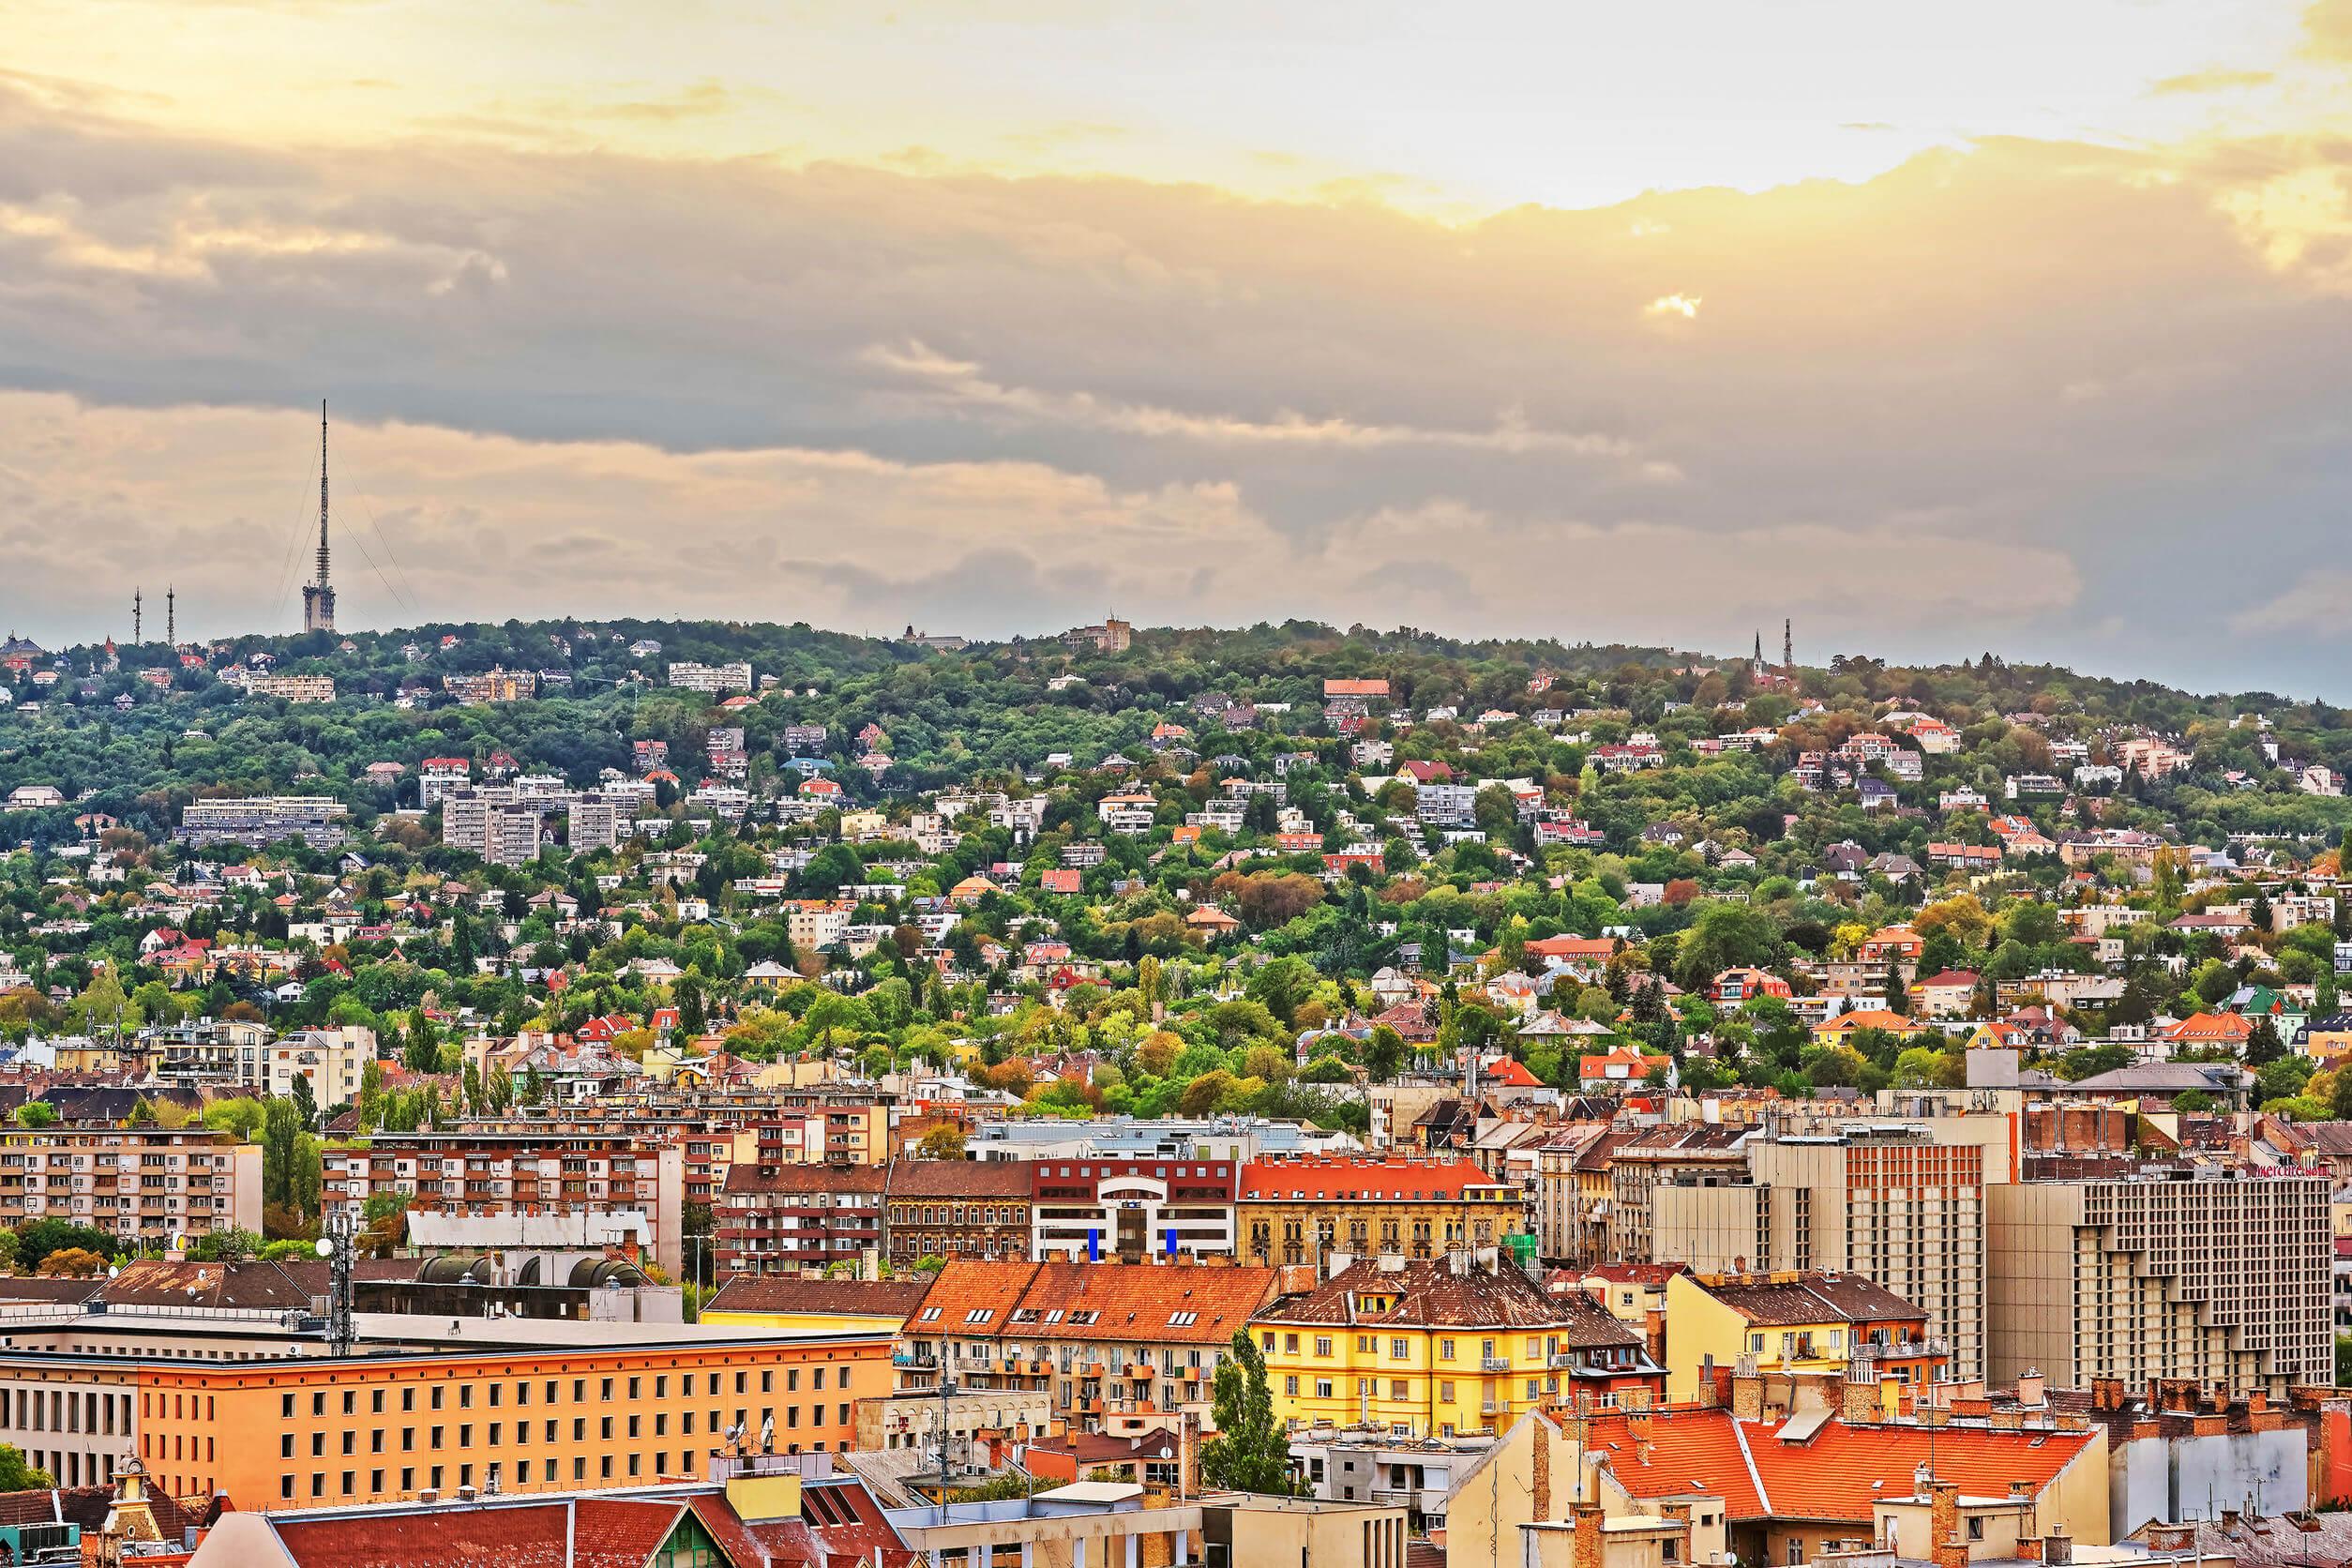 Prémium minőség és kellemes zöld környezet a fővárosban és környékén!